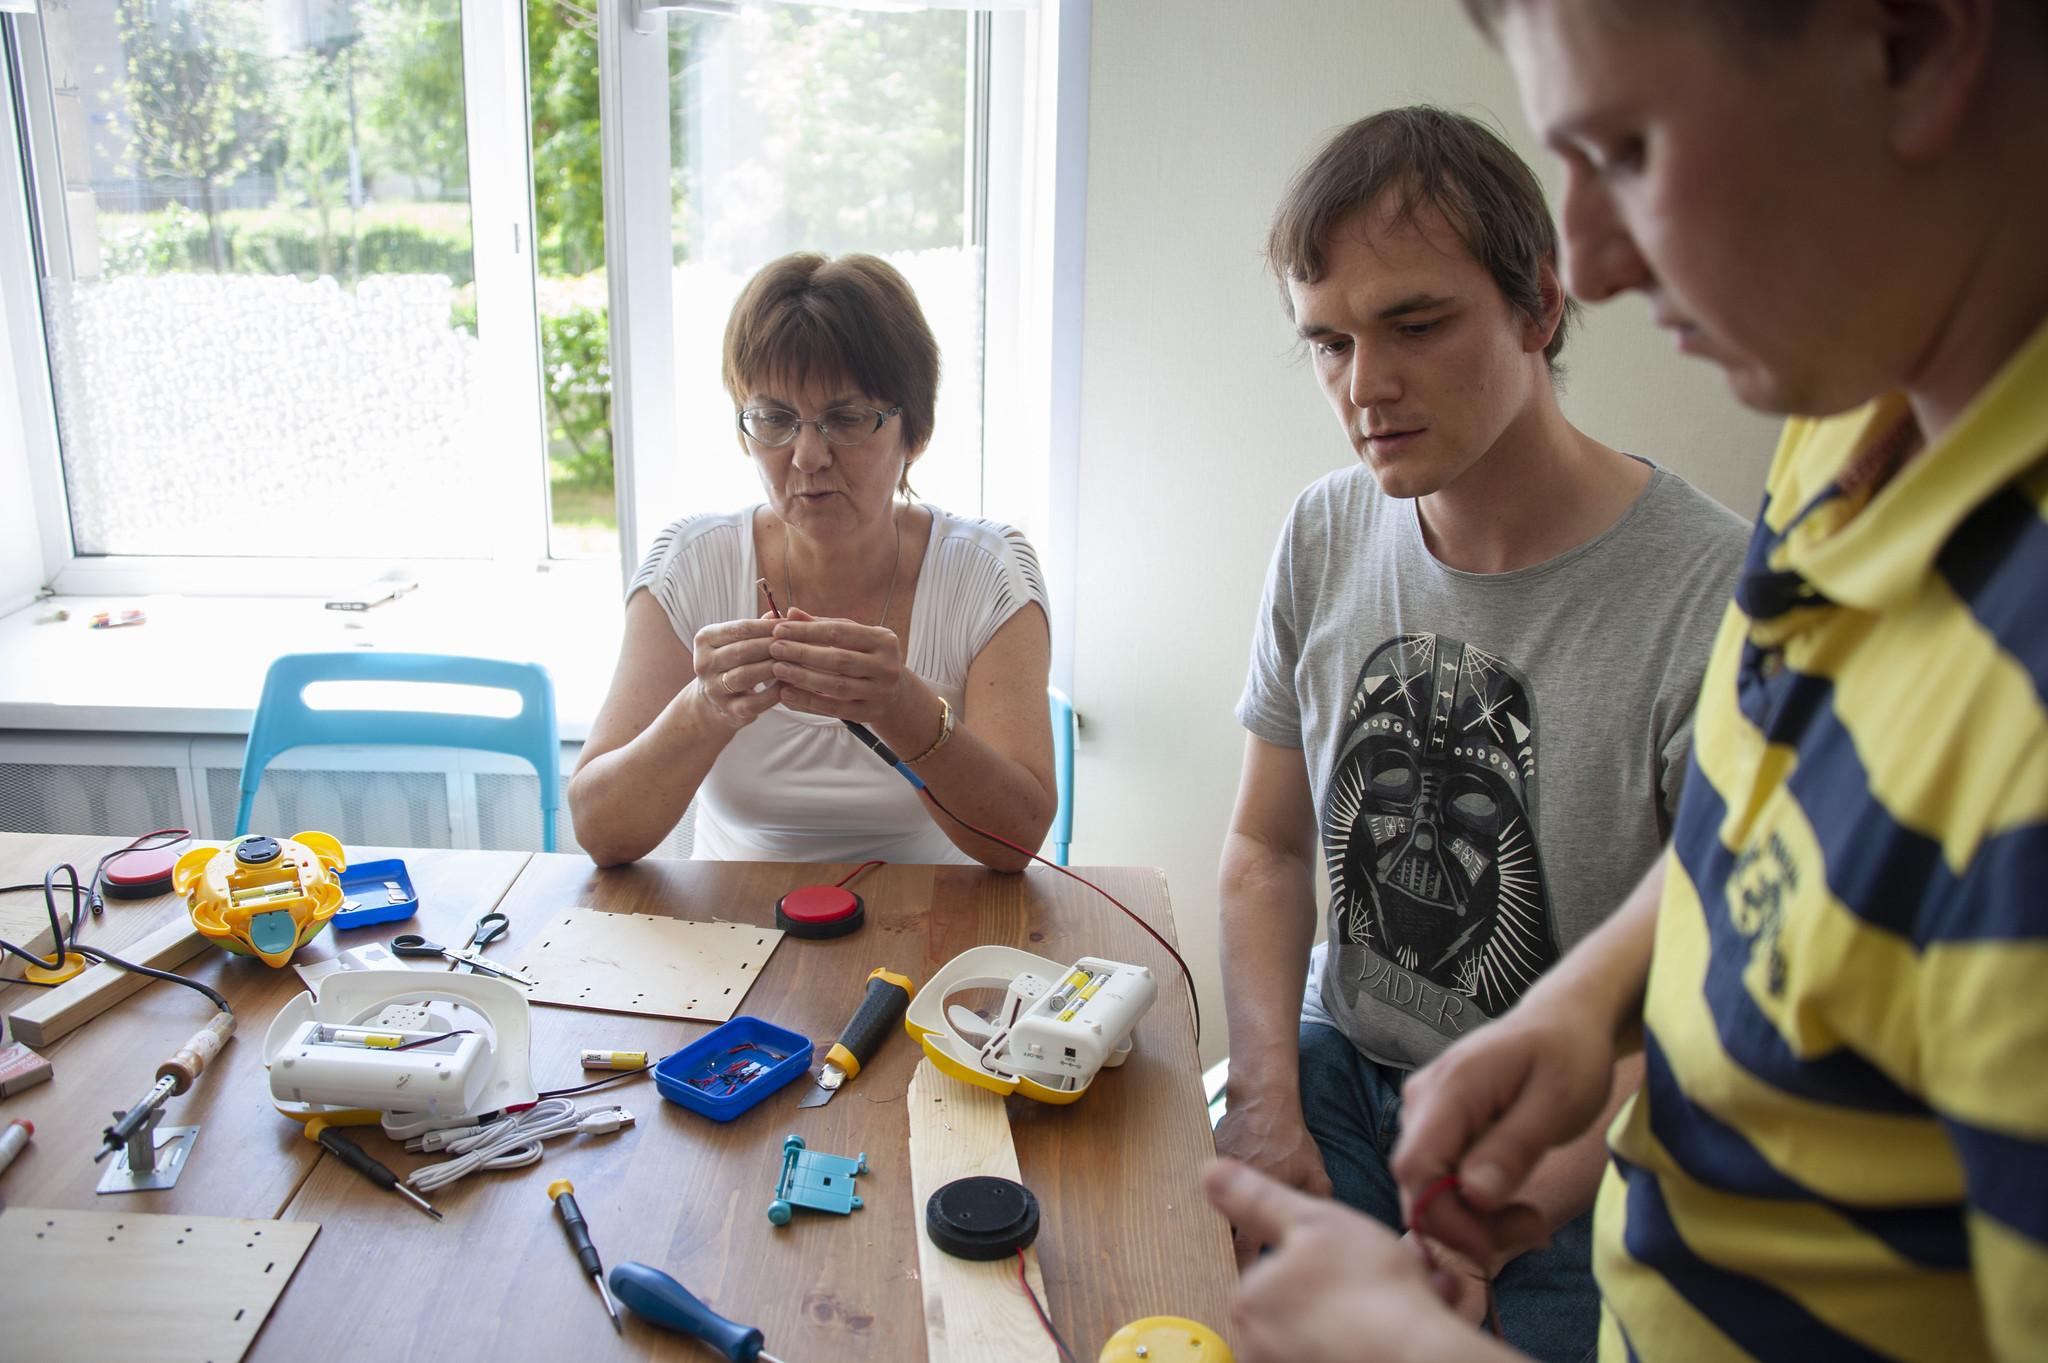 описание изображения Методическое пособие по адаптации игрушек и созданию специальных переключателей для детей с нарушениями развития